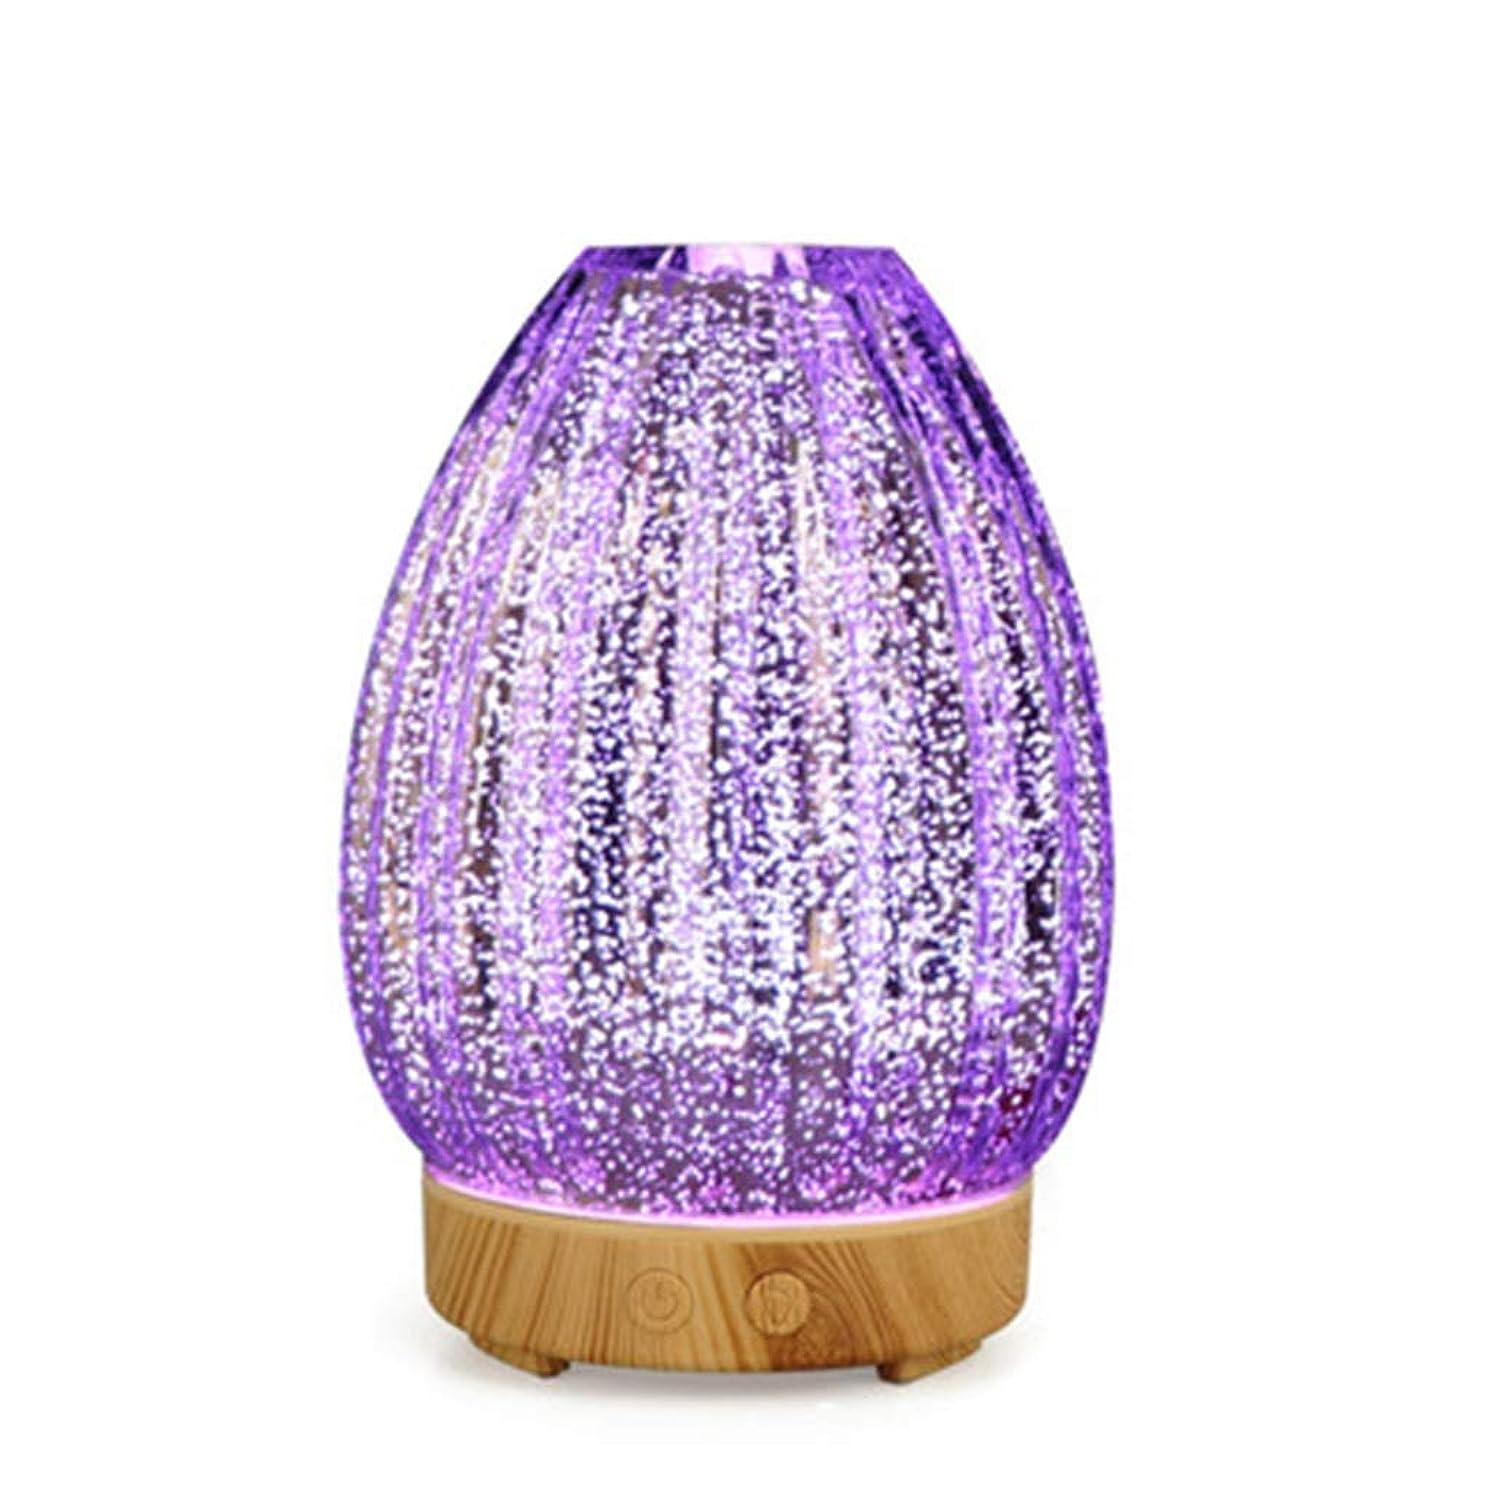 虐殺最適やめるクールミスト空気加湿器、ウォーターフリーオートクローズ、7 LEDカラー変更ライト付き、寝室のベビーレディの家の装飾に適して (Color : Light wood grain)